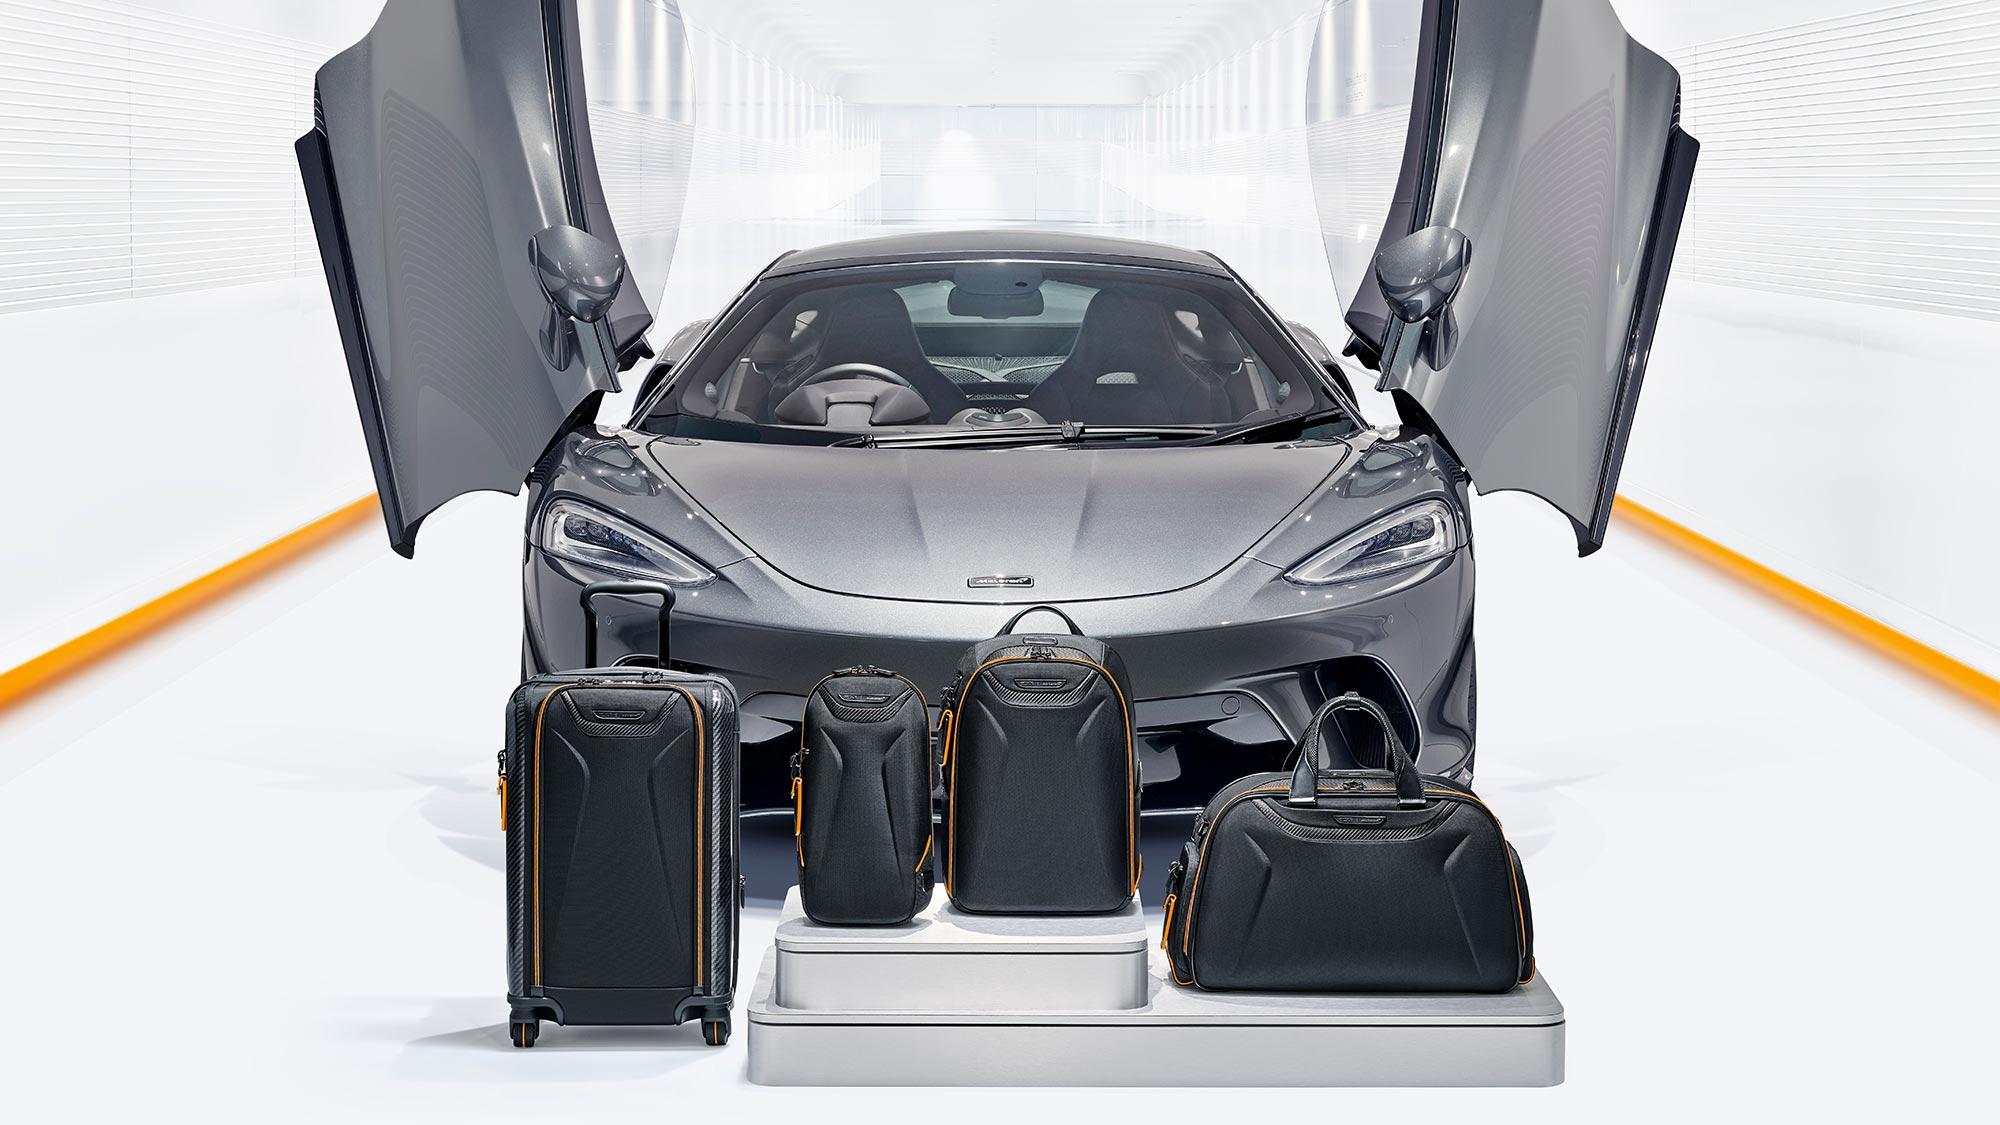 TUMI x McLaren Capsule Collection